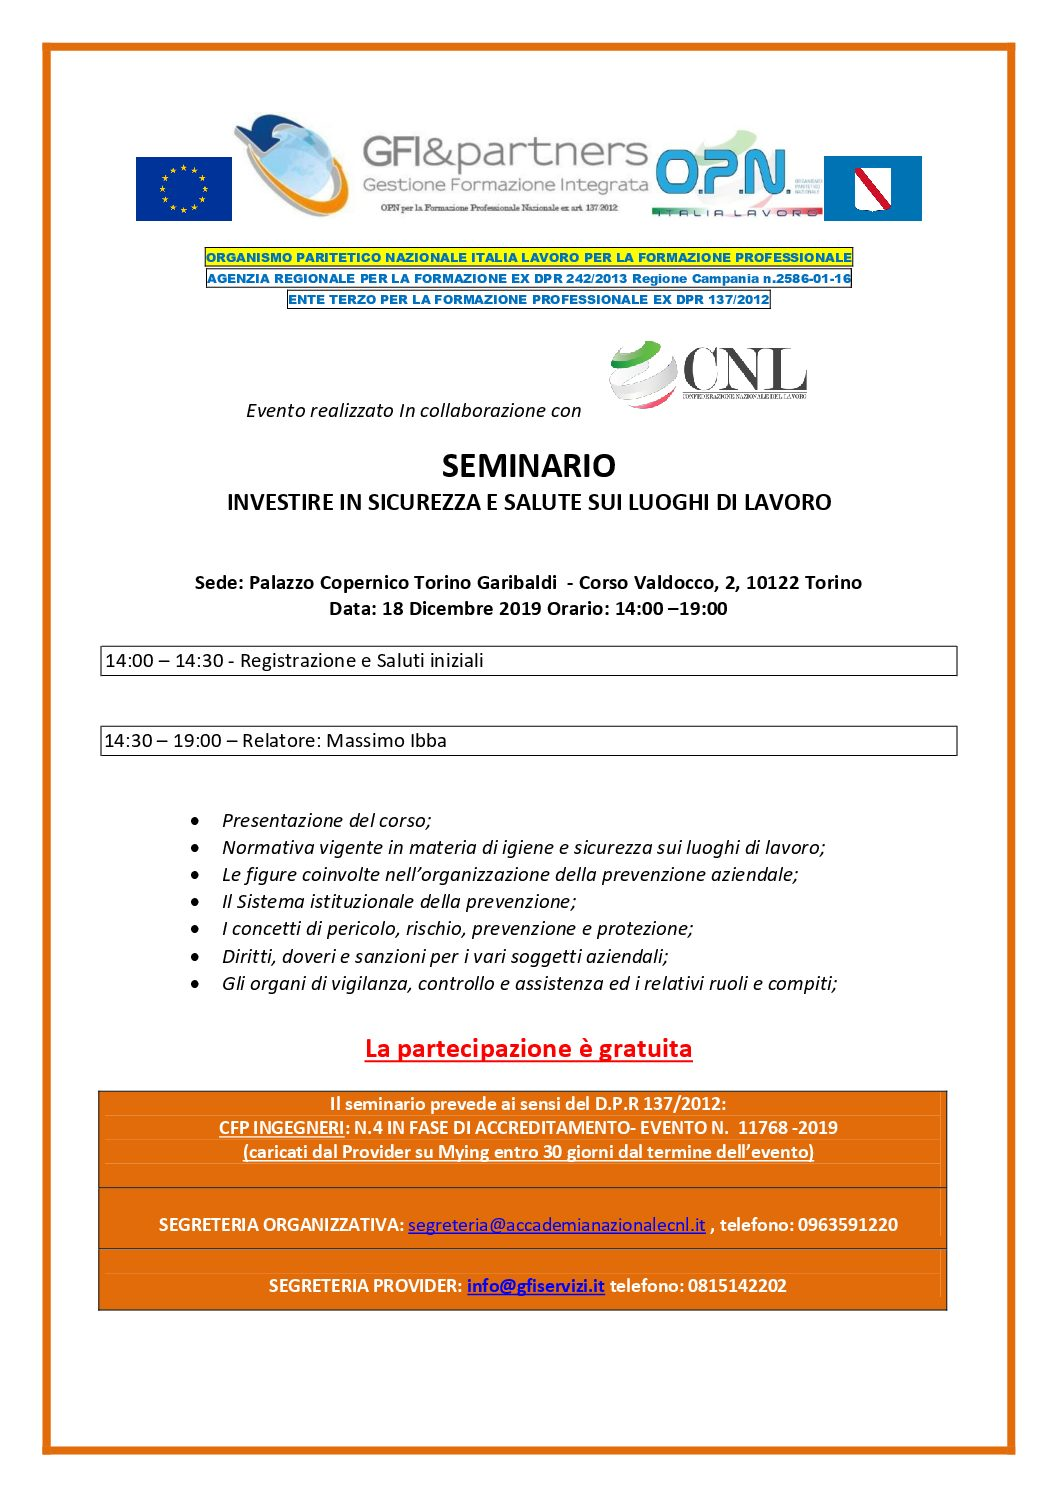 INVESTIRE IN SALUTE E SICUREZZA SUL LAVORO- Seminario gratuito con rilascio CFP per INGEGNERI- TORINO